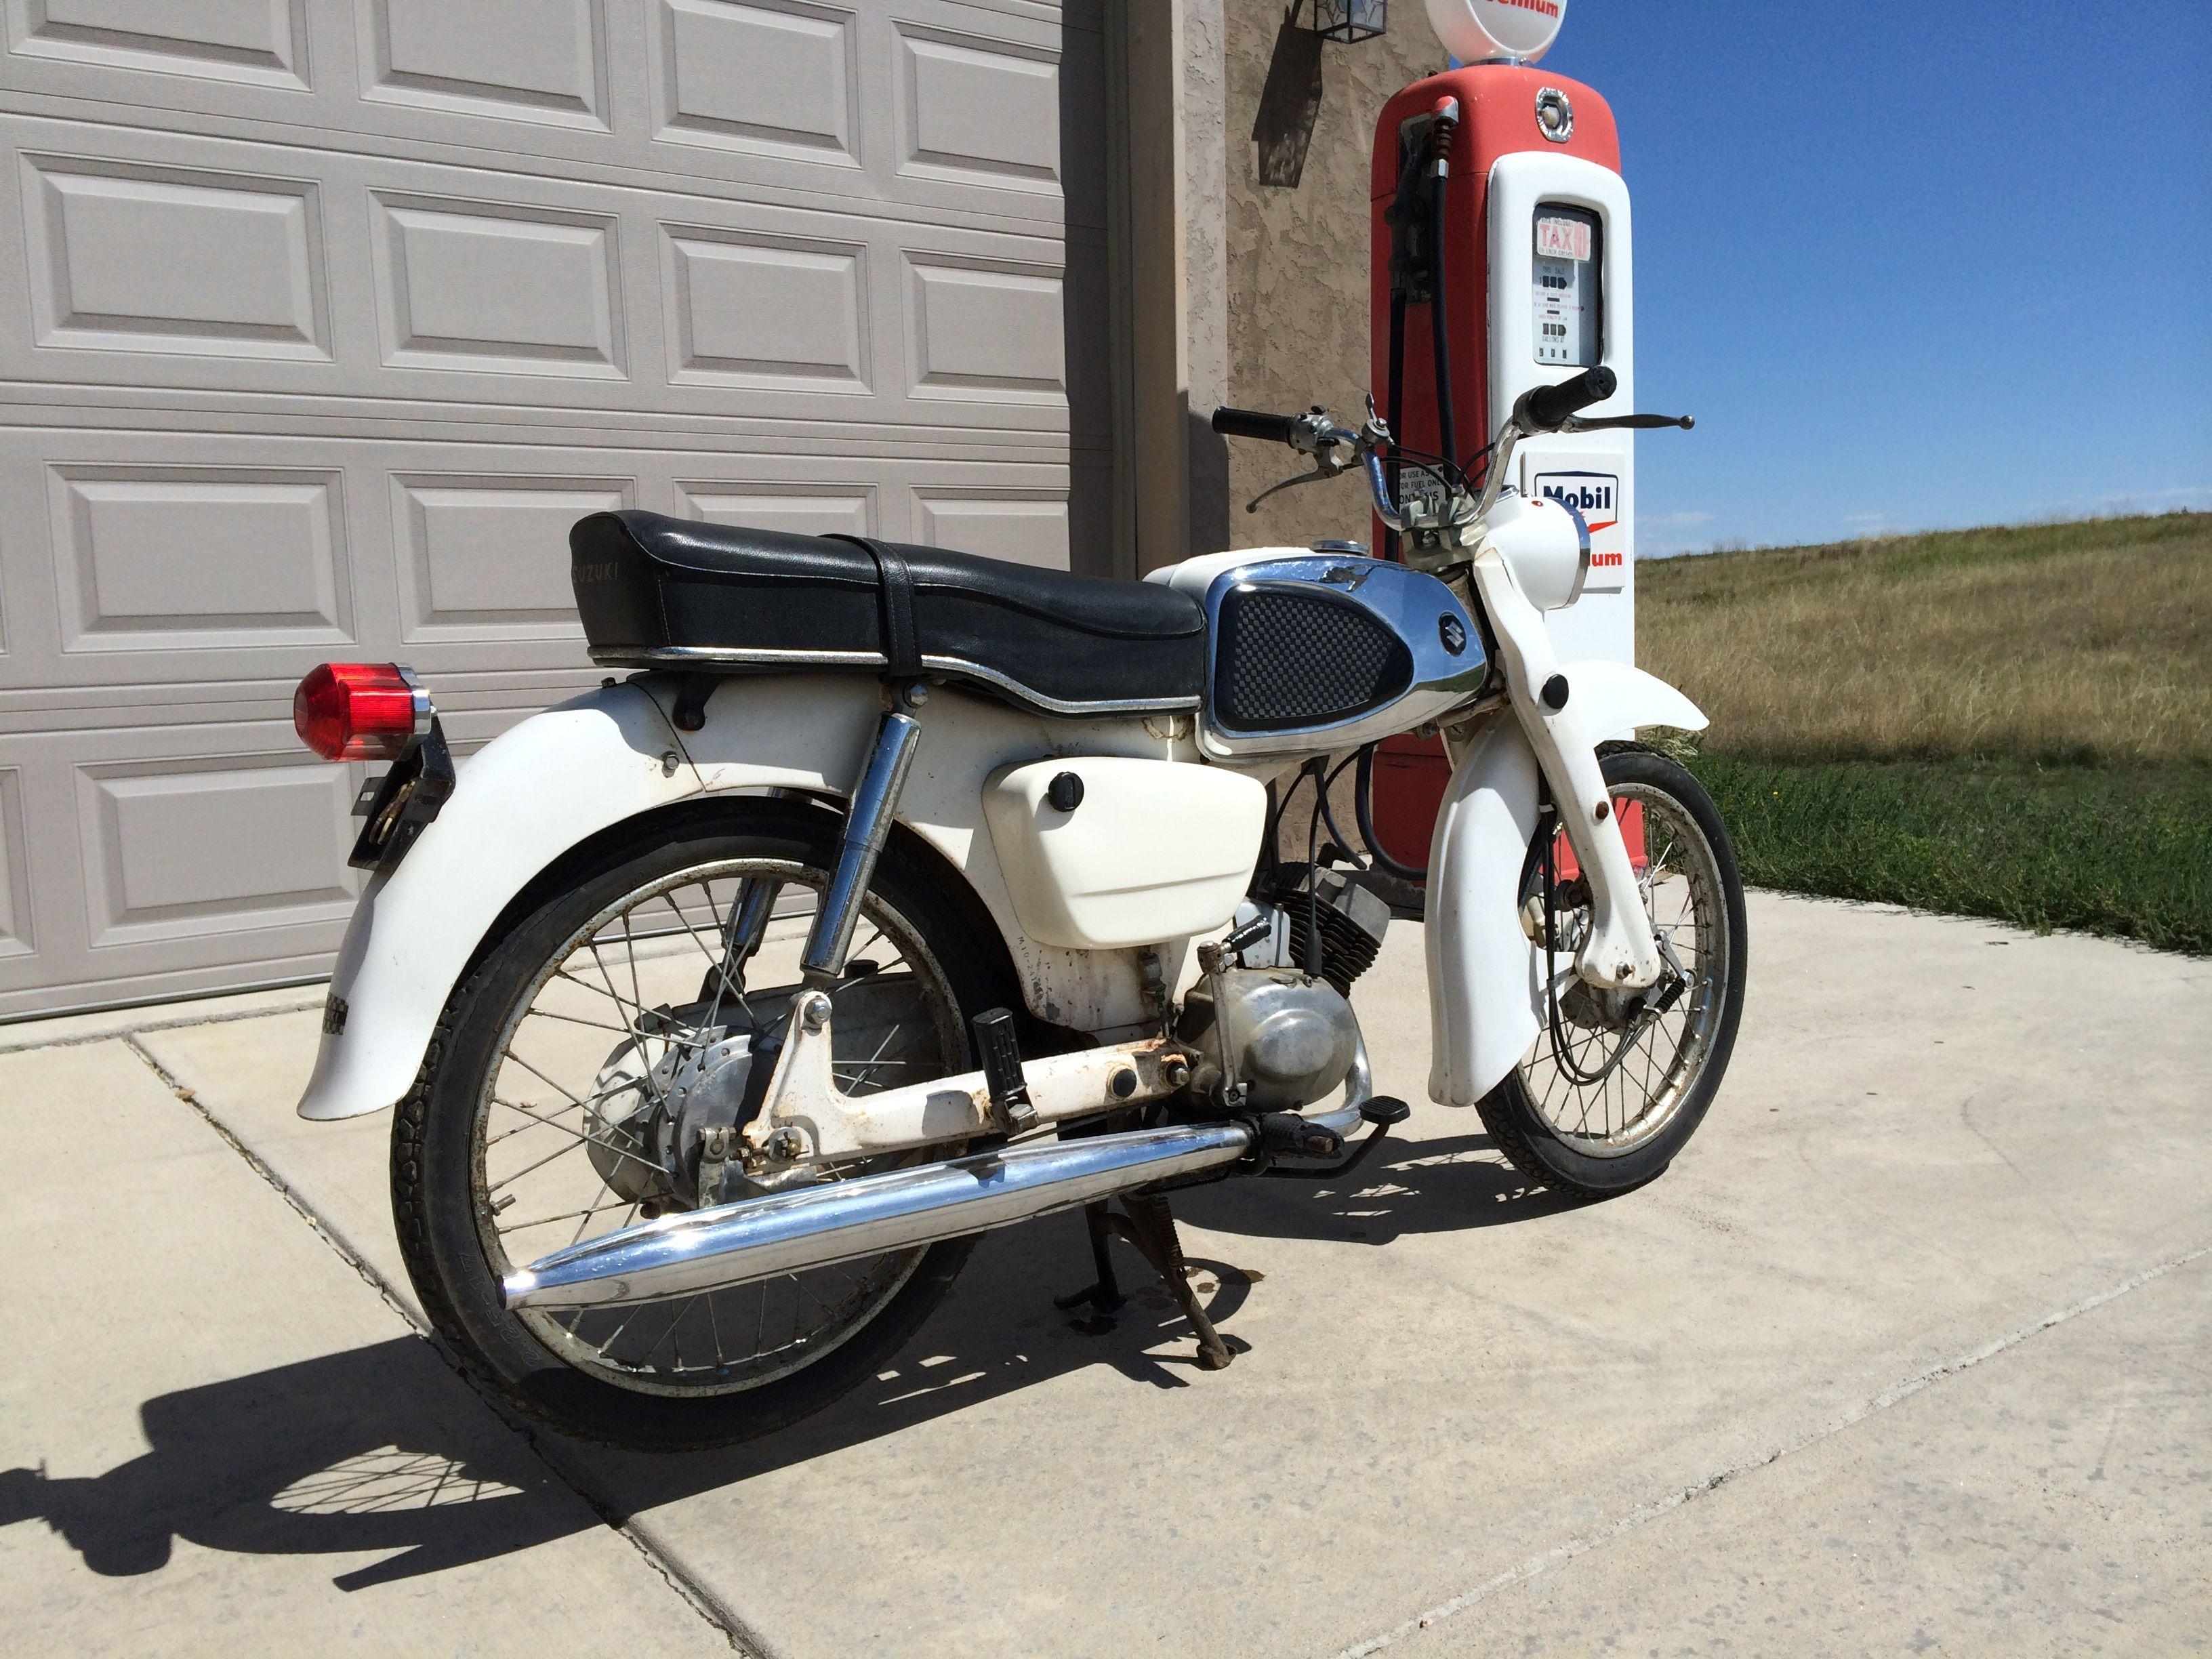 1964 Suzuki  U0026quot Collegian U0026quot  50cc Sport Standard  Model Md  4 Speed Manual Transmission  Forks Have